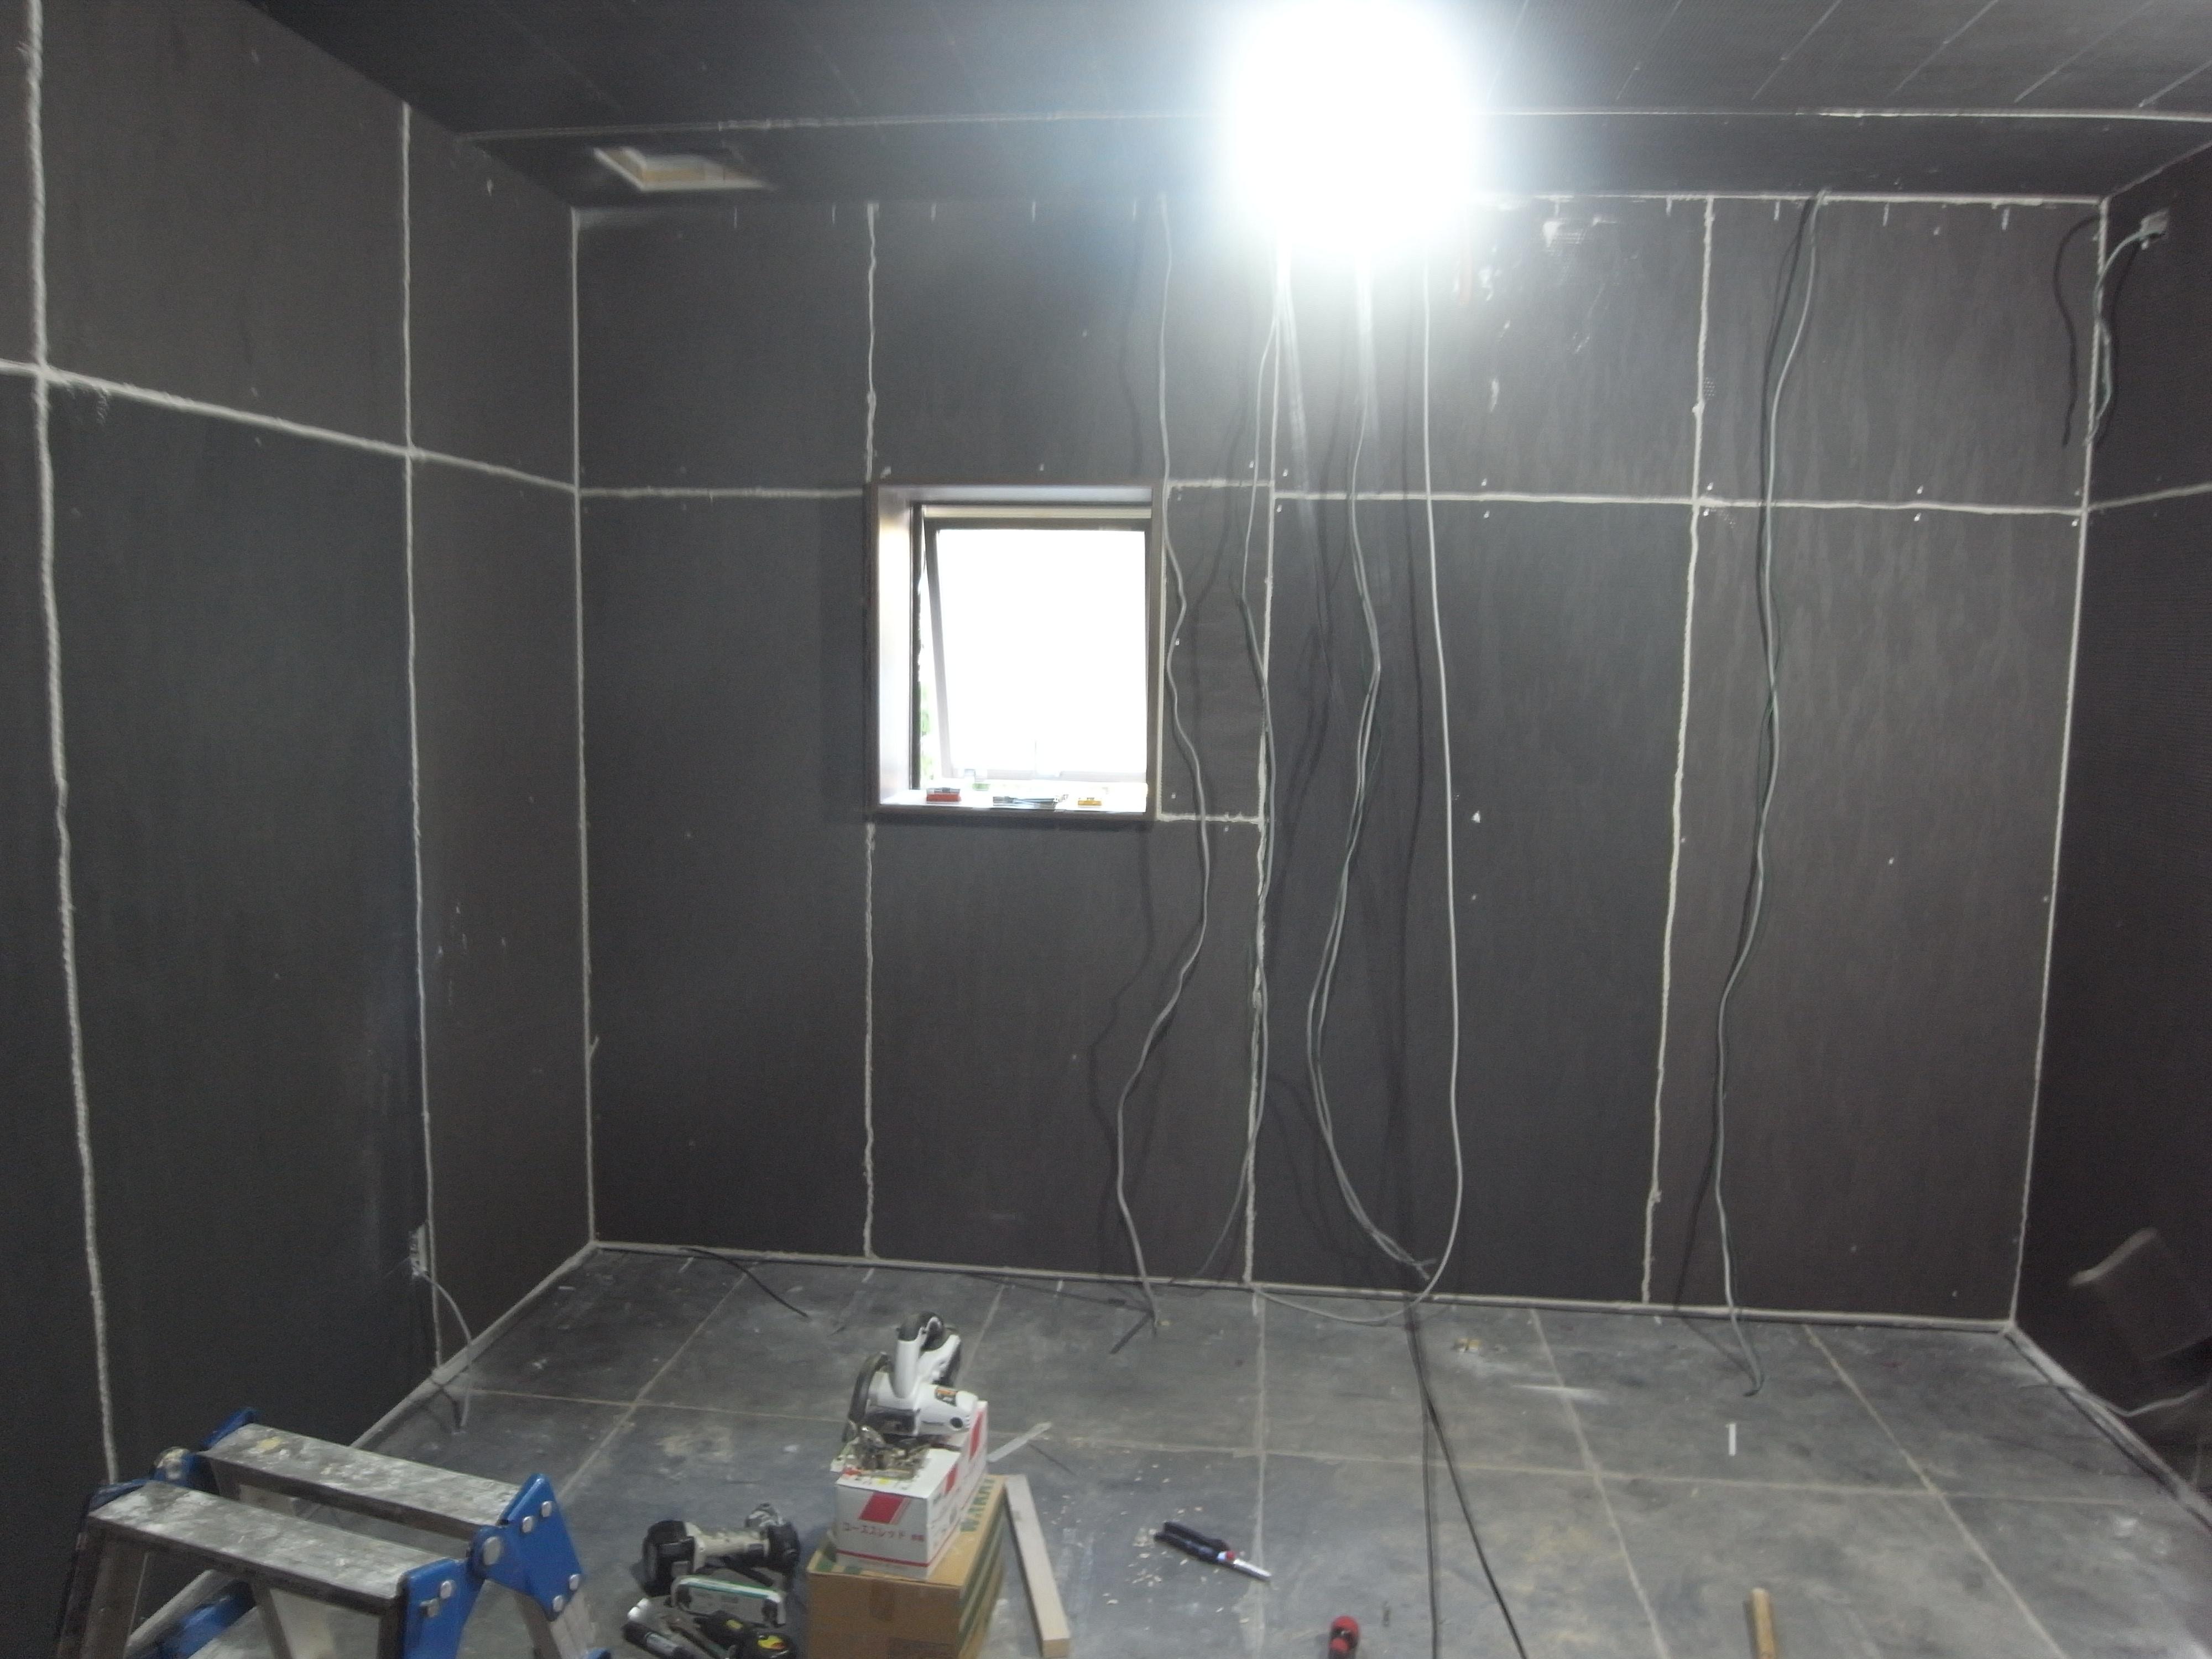 シアタールームの間仕切り壁遮音完了